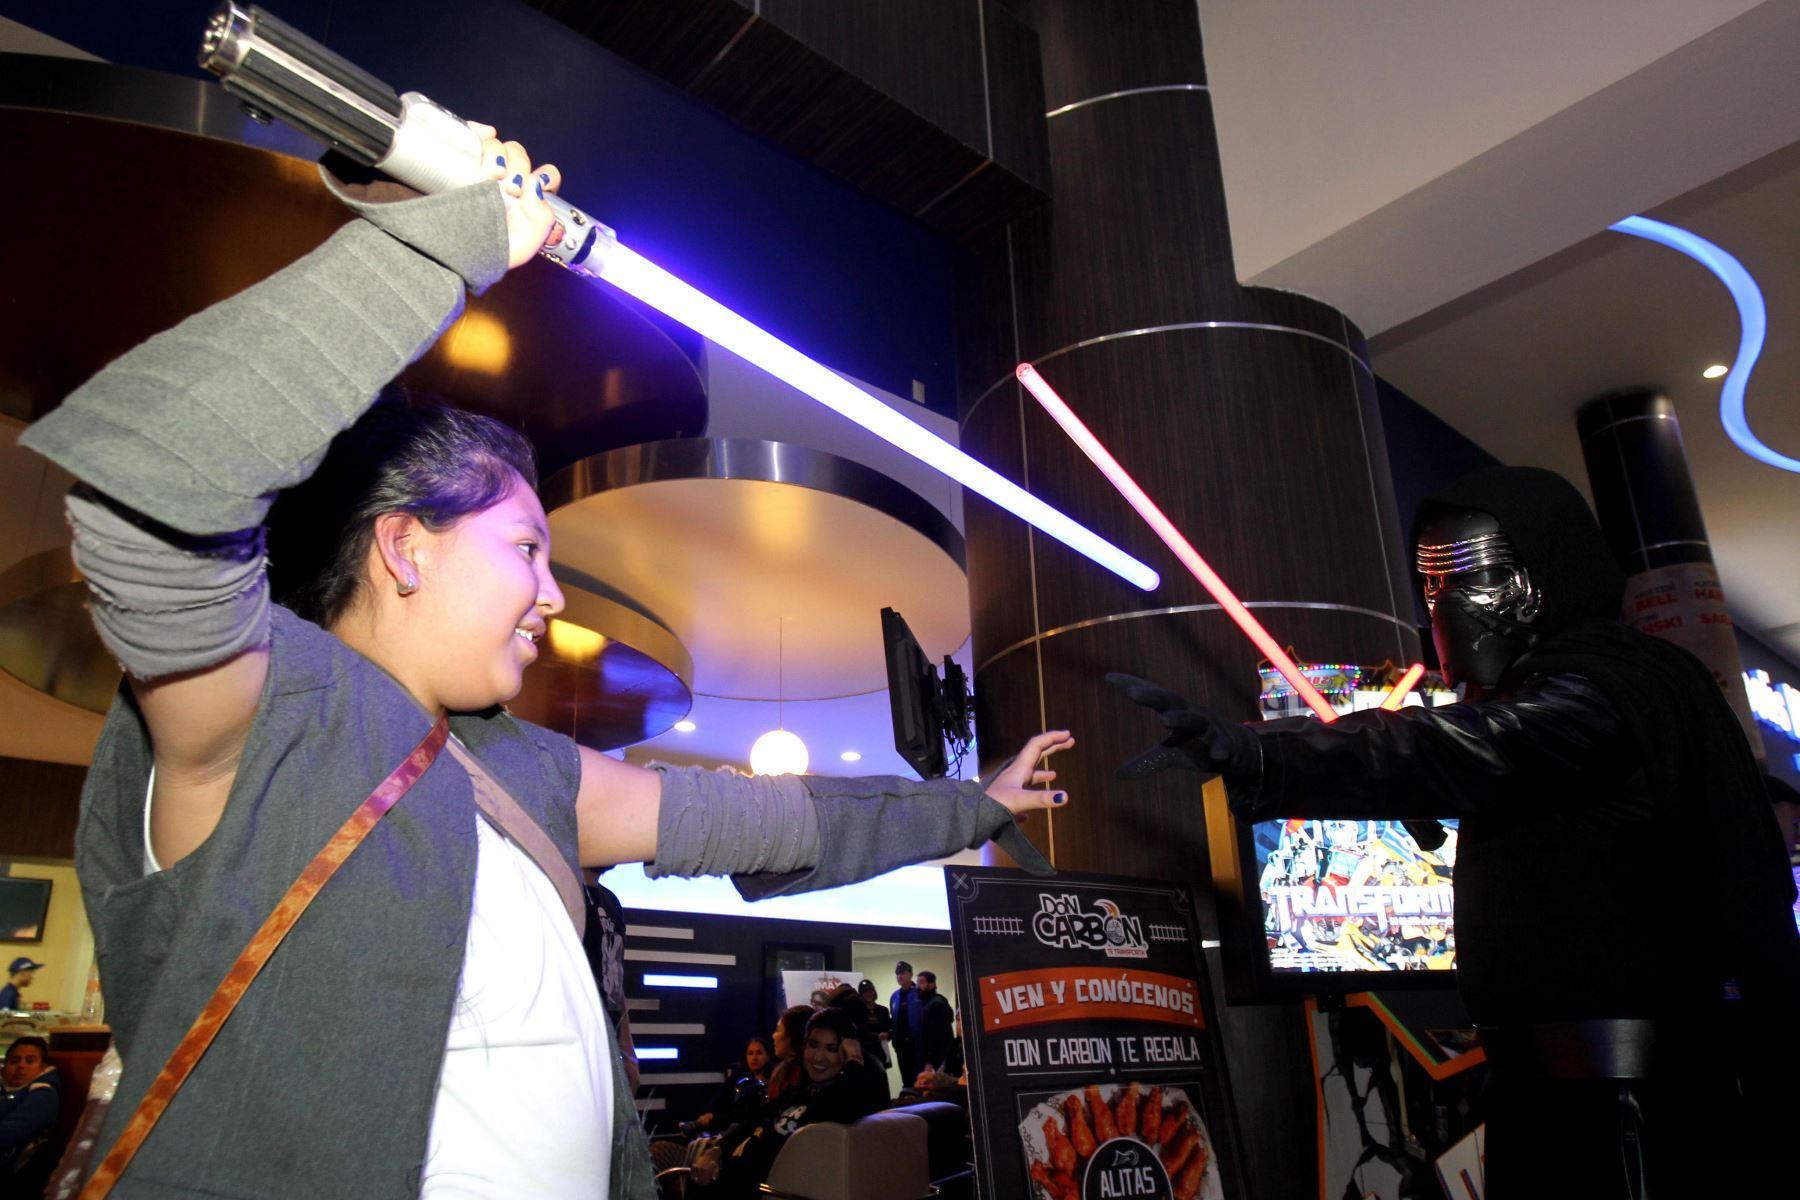 """Aficionados a Star Wars disfrazados asisten al estreno de la película """"Los últimos Jedi"""" en Mexico. Foto: AFP"""